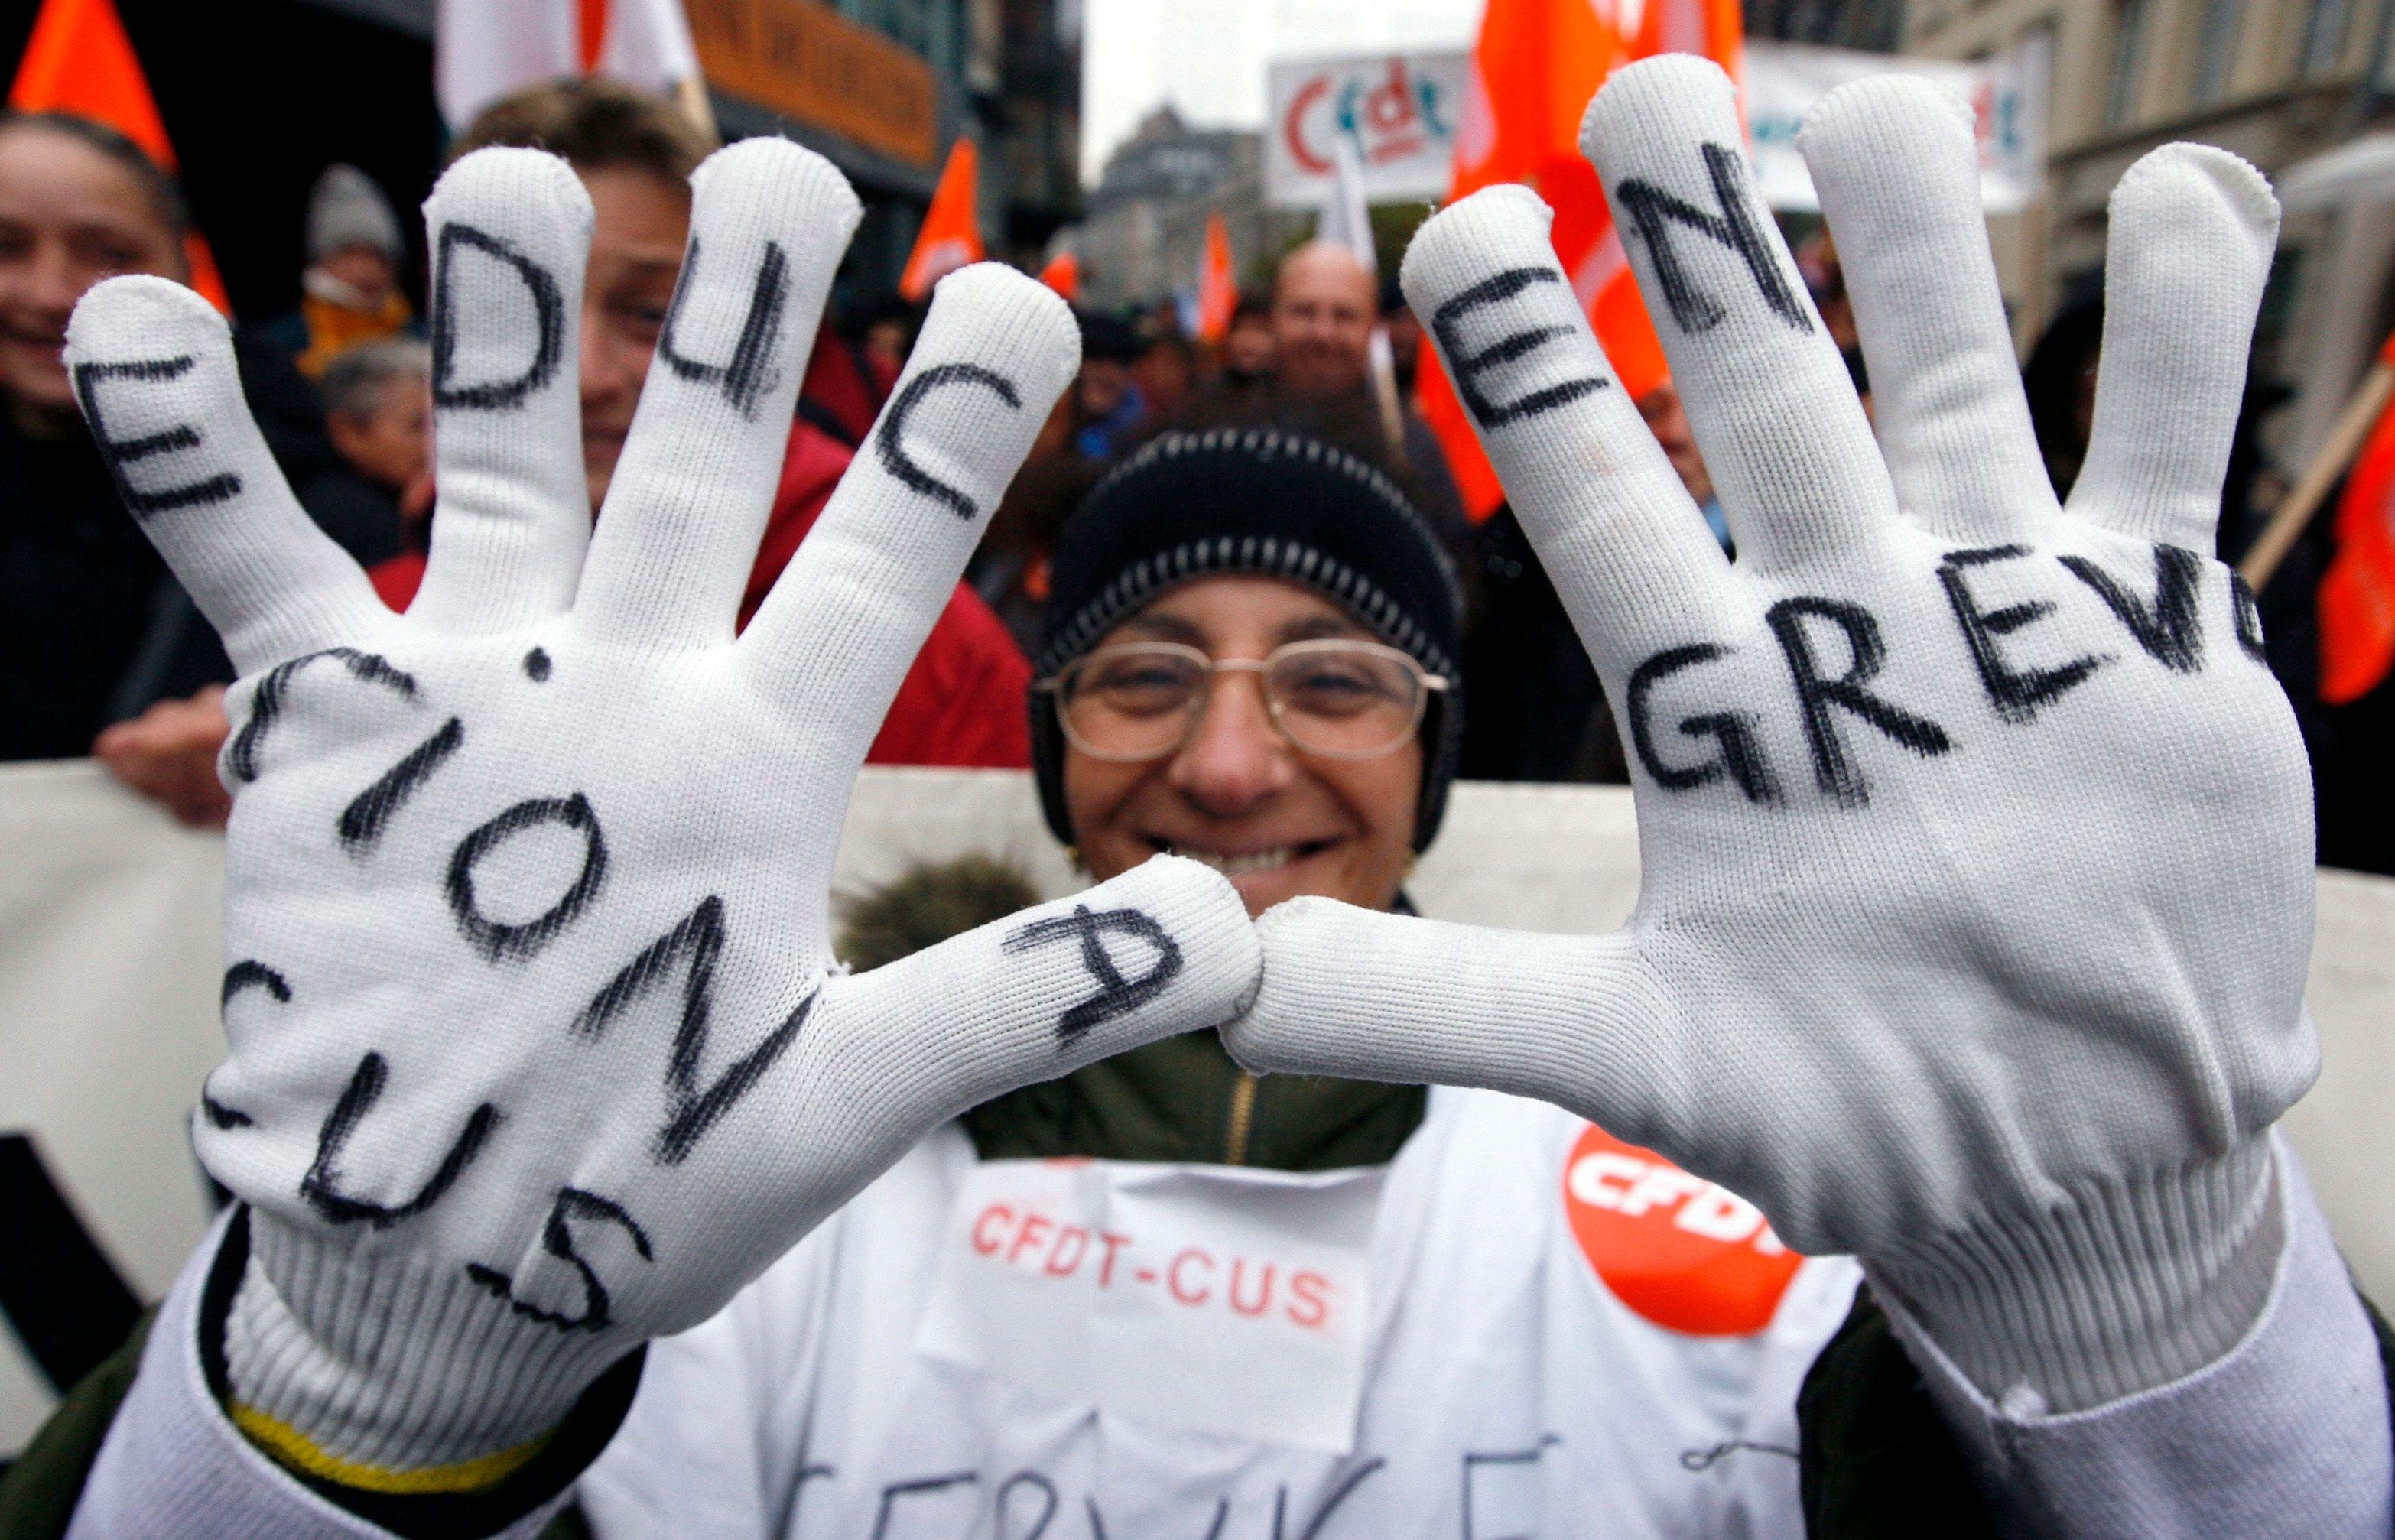 Fonctionnaires en grève : mais au fait depuis 2008, qui du secteur public ou du secteur privé a été le plus affecté par la crise ?